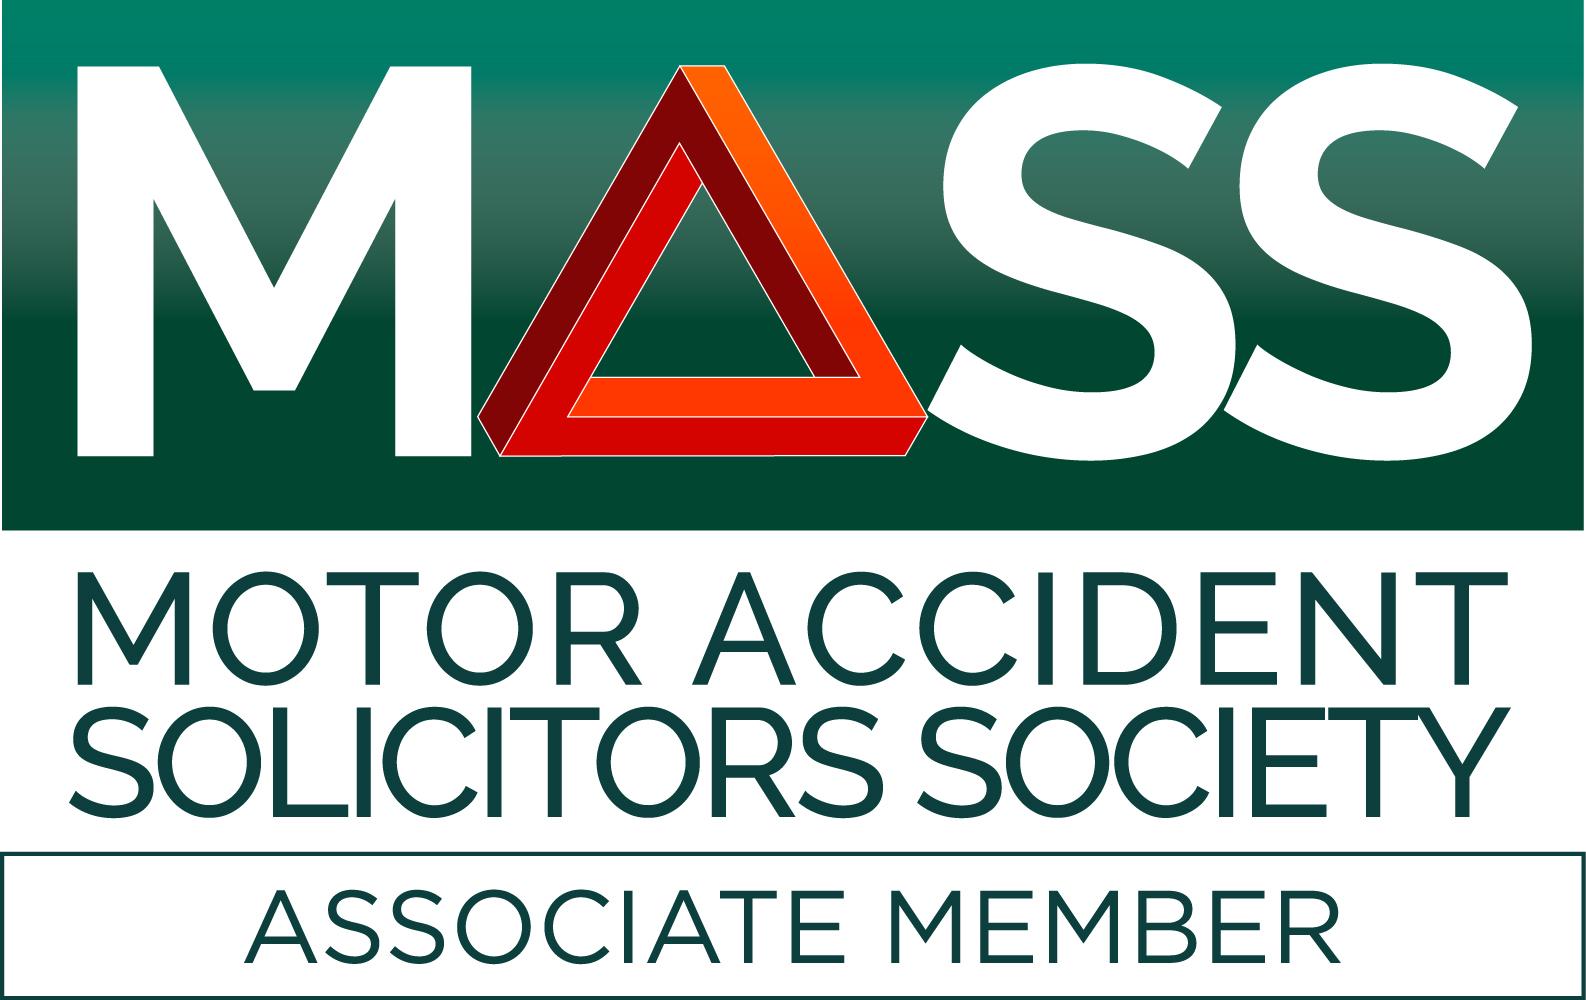 Associate Members - Code of Conduct